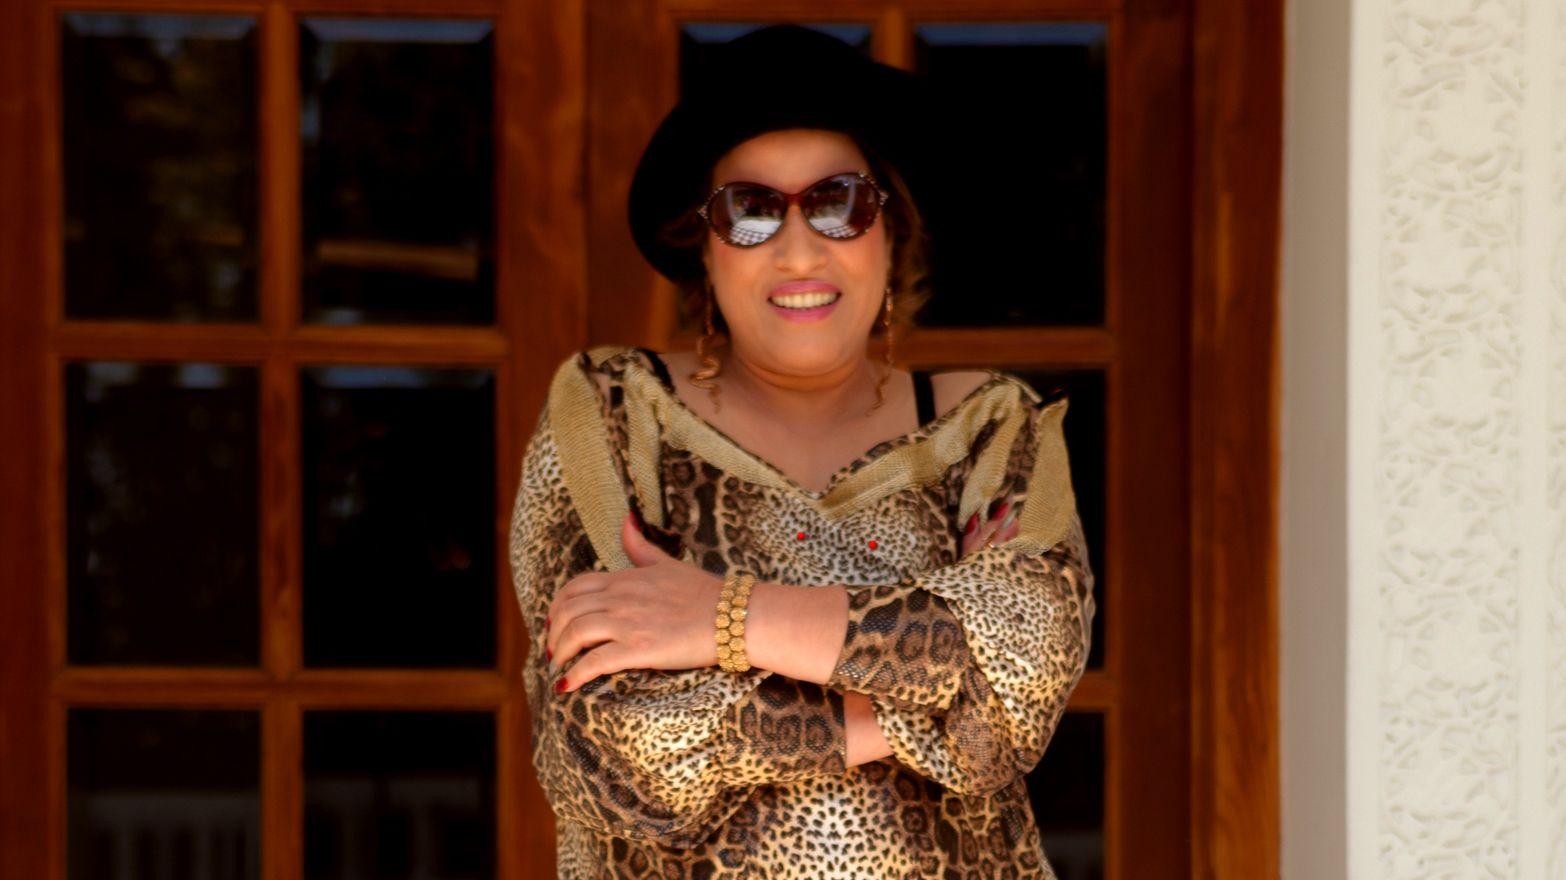 نشرت الفنانة نجاة عتابو عبر الإنستغرام صورة لها بزي تقليدي ومجوهرات أمازيغية أرفقتها بتعليق تهنئ من خلالها متابعيها بالسنة الجديدة